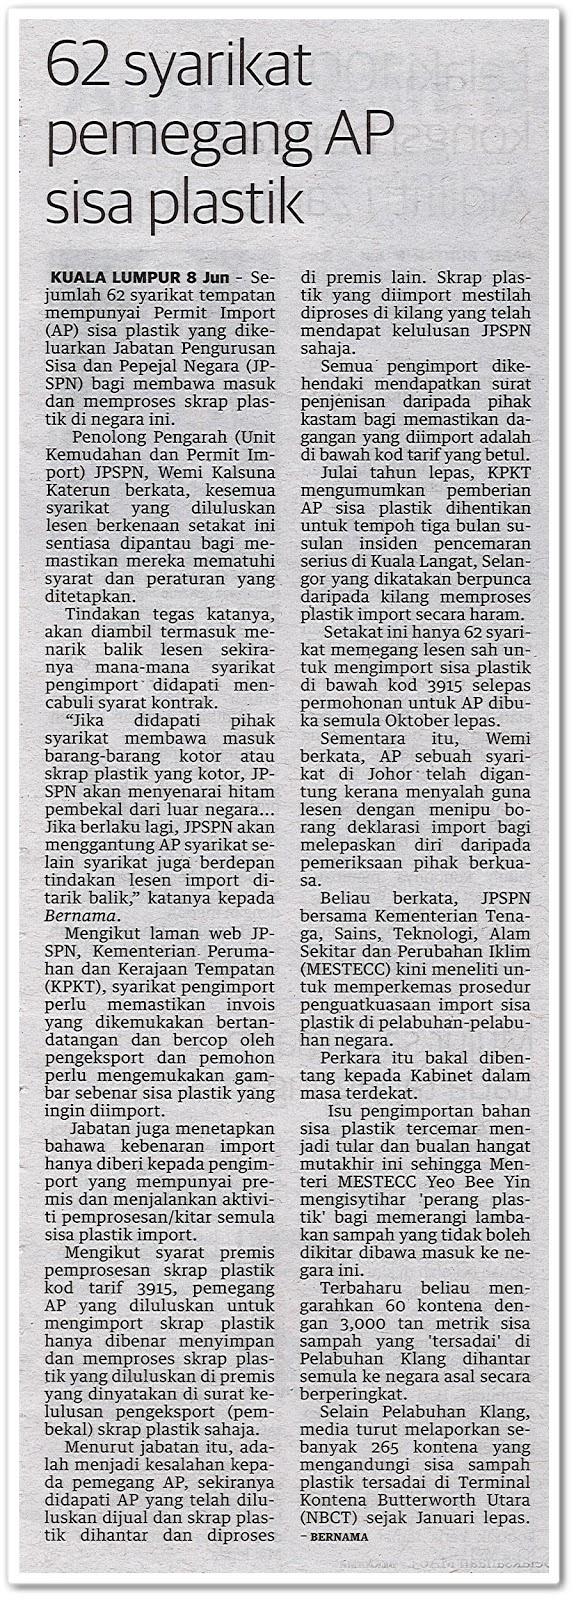 62 syarikat pemegang AP sisa plastik - Keratan akhbar Utusan Malaysia 9 Jun 2019